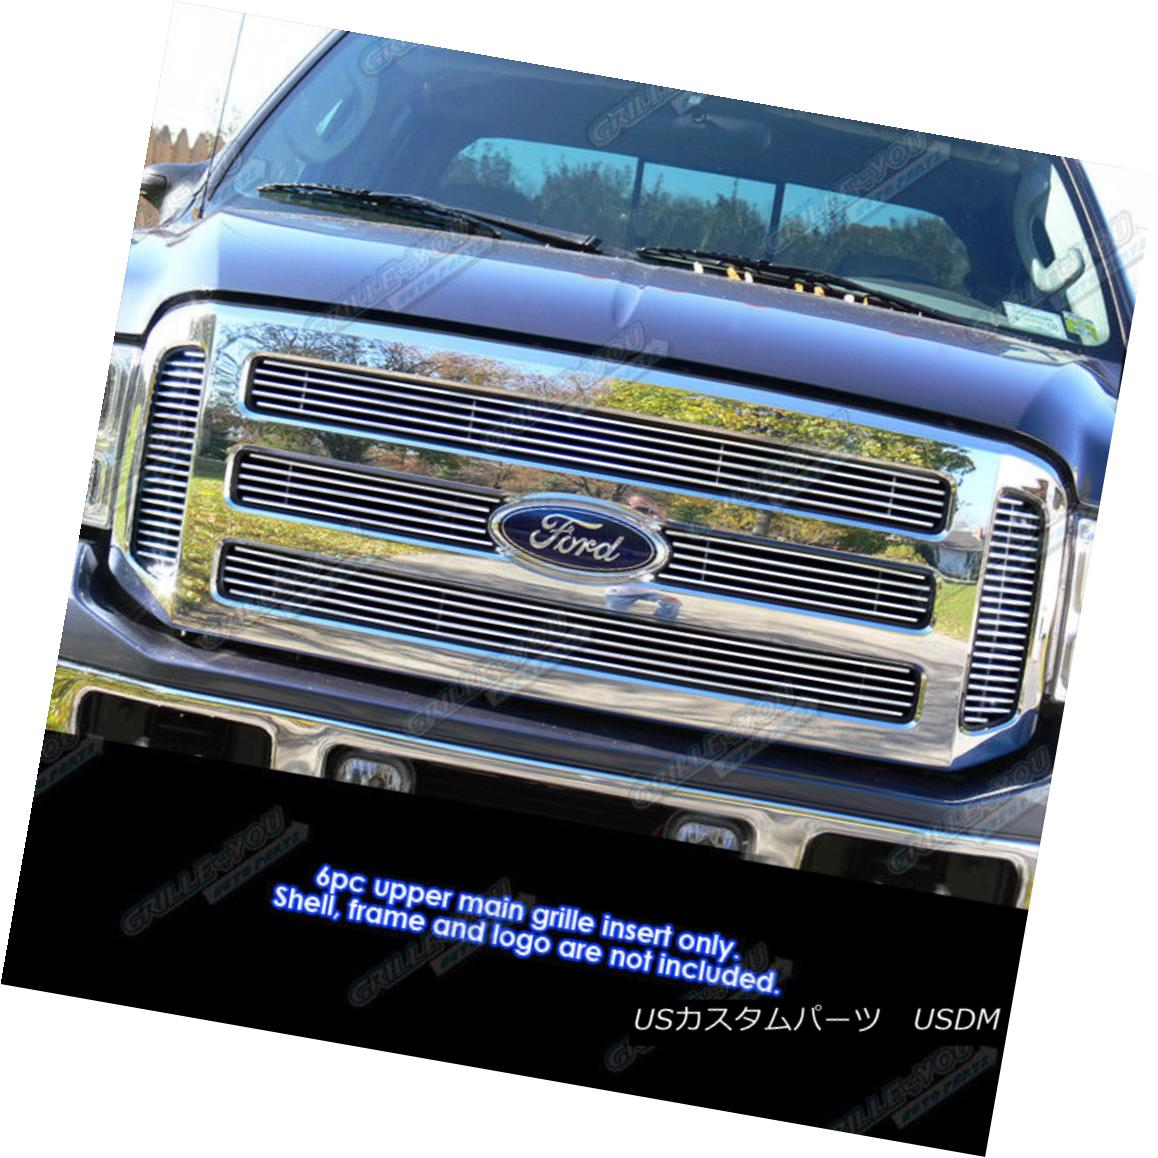 グリル Fits 2005-2007 Ford F250/F350 Super Duty/Excursion Billet Grille 2005-2007 Ford F250 / F350スーパーデューティ/エクスカーションビレットグリルに適合